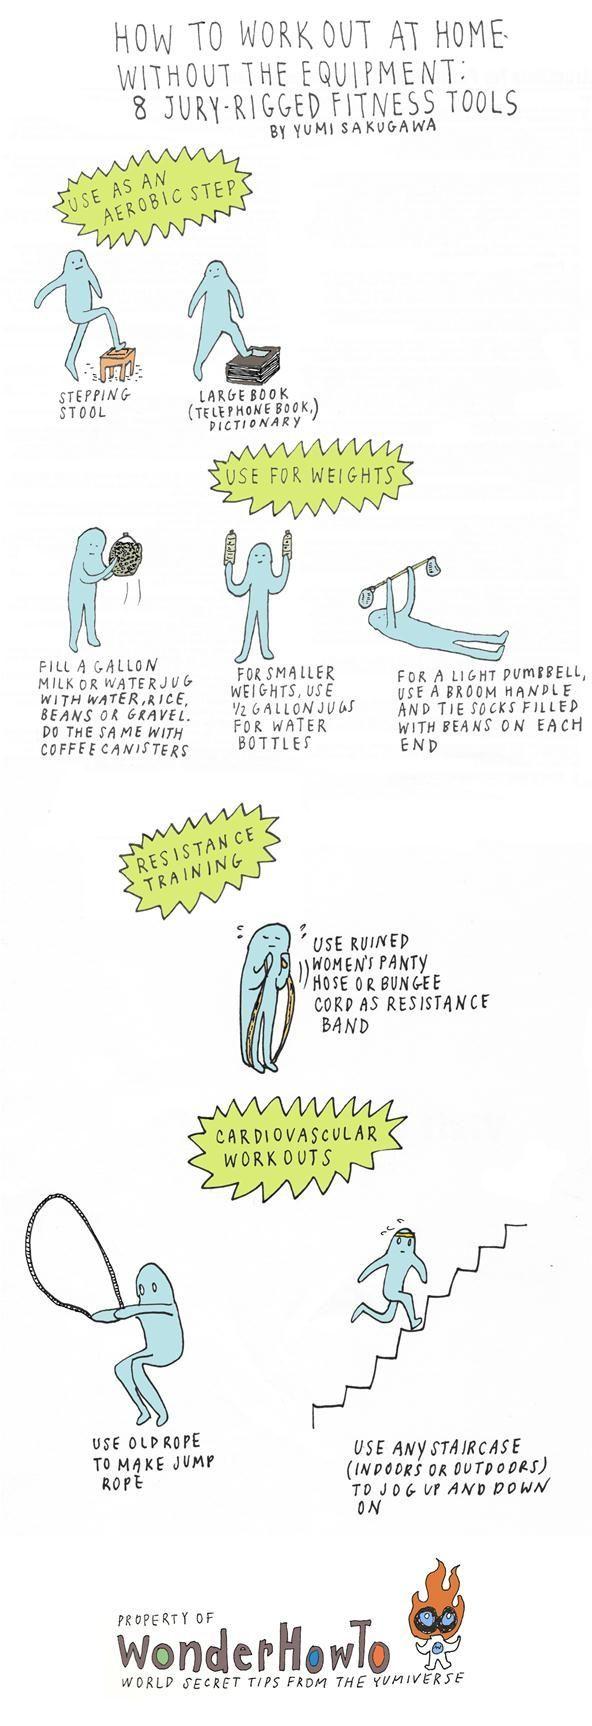 Comment s'entraîner à la maison sans l'équipement: 8 outils de fitness à gréer avec jury - #à #avec...